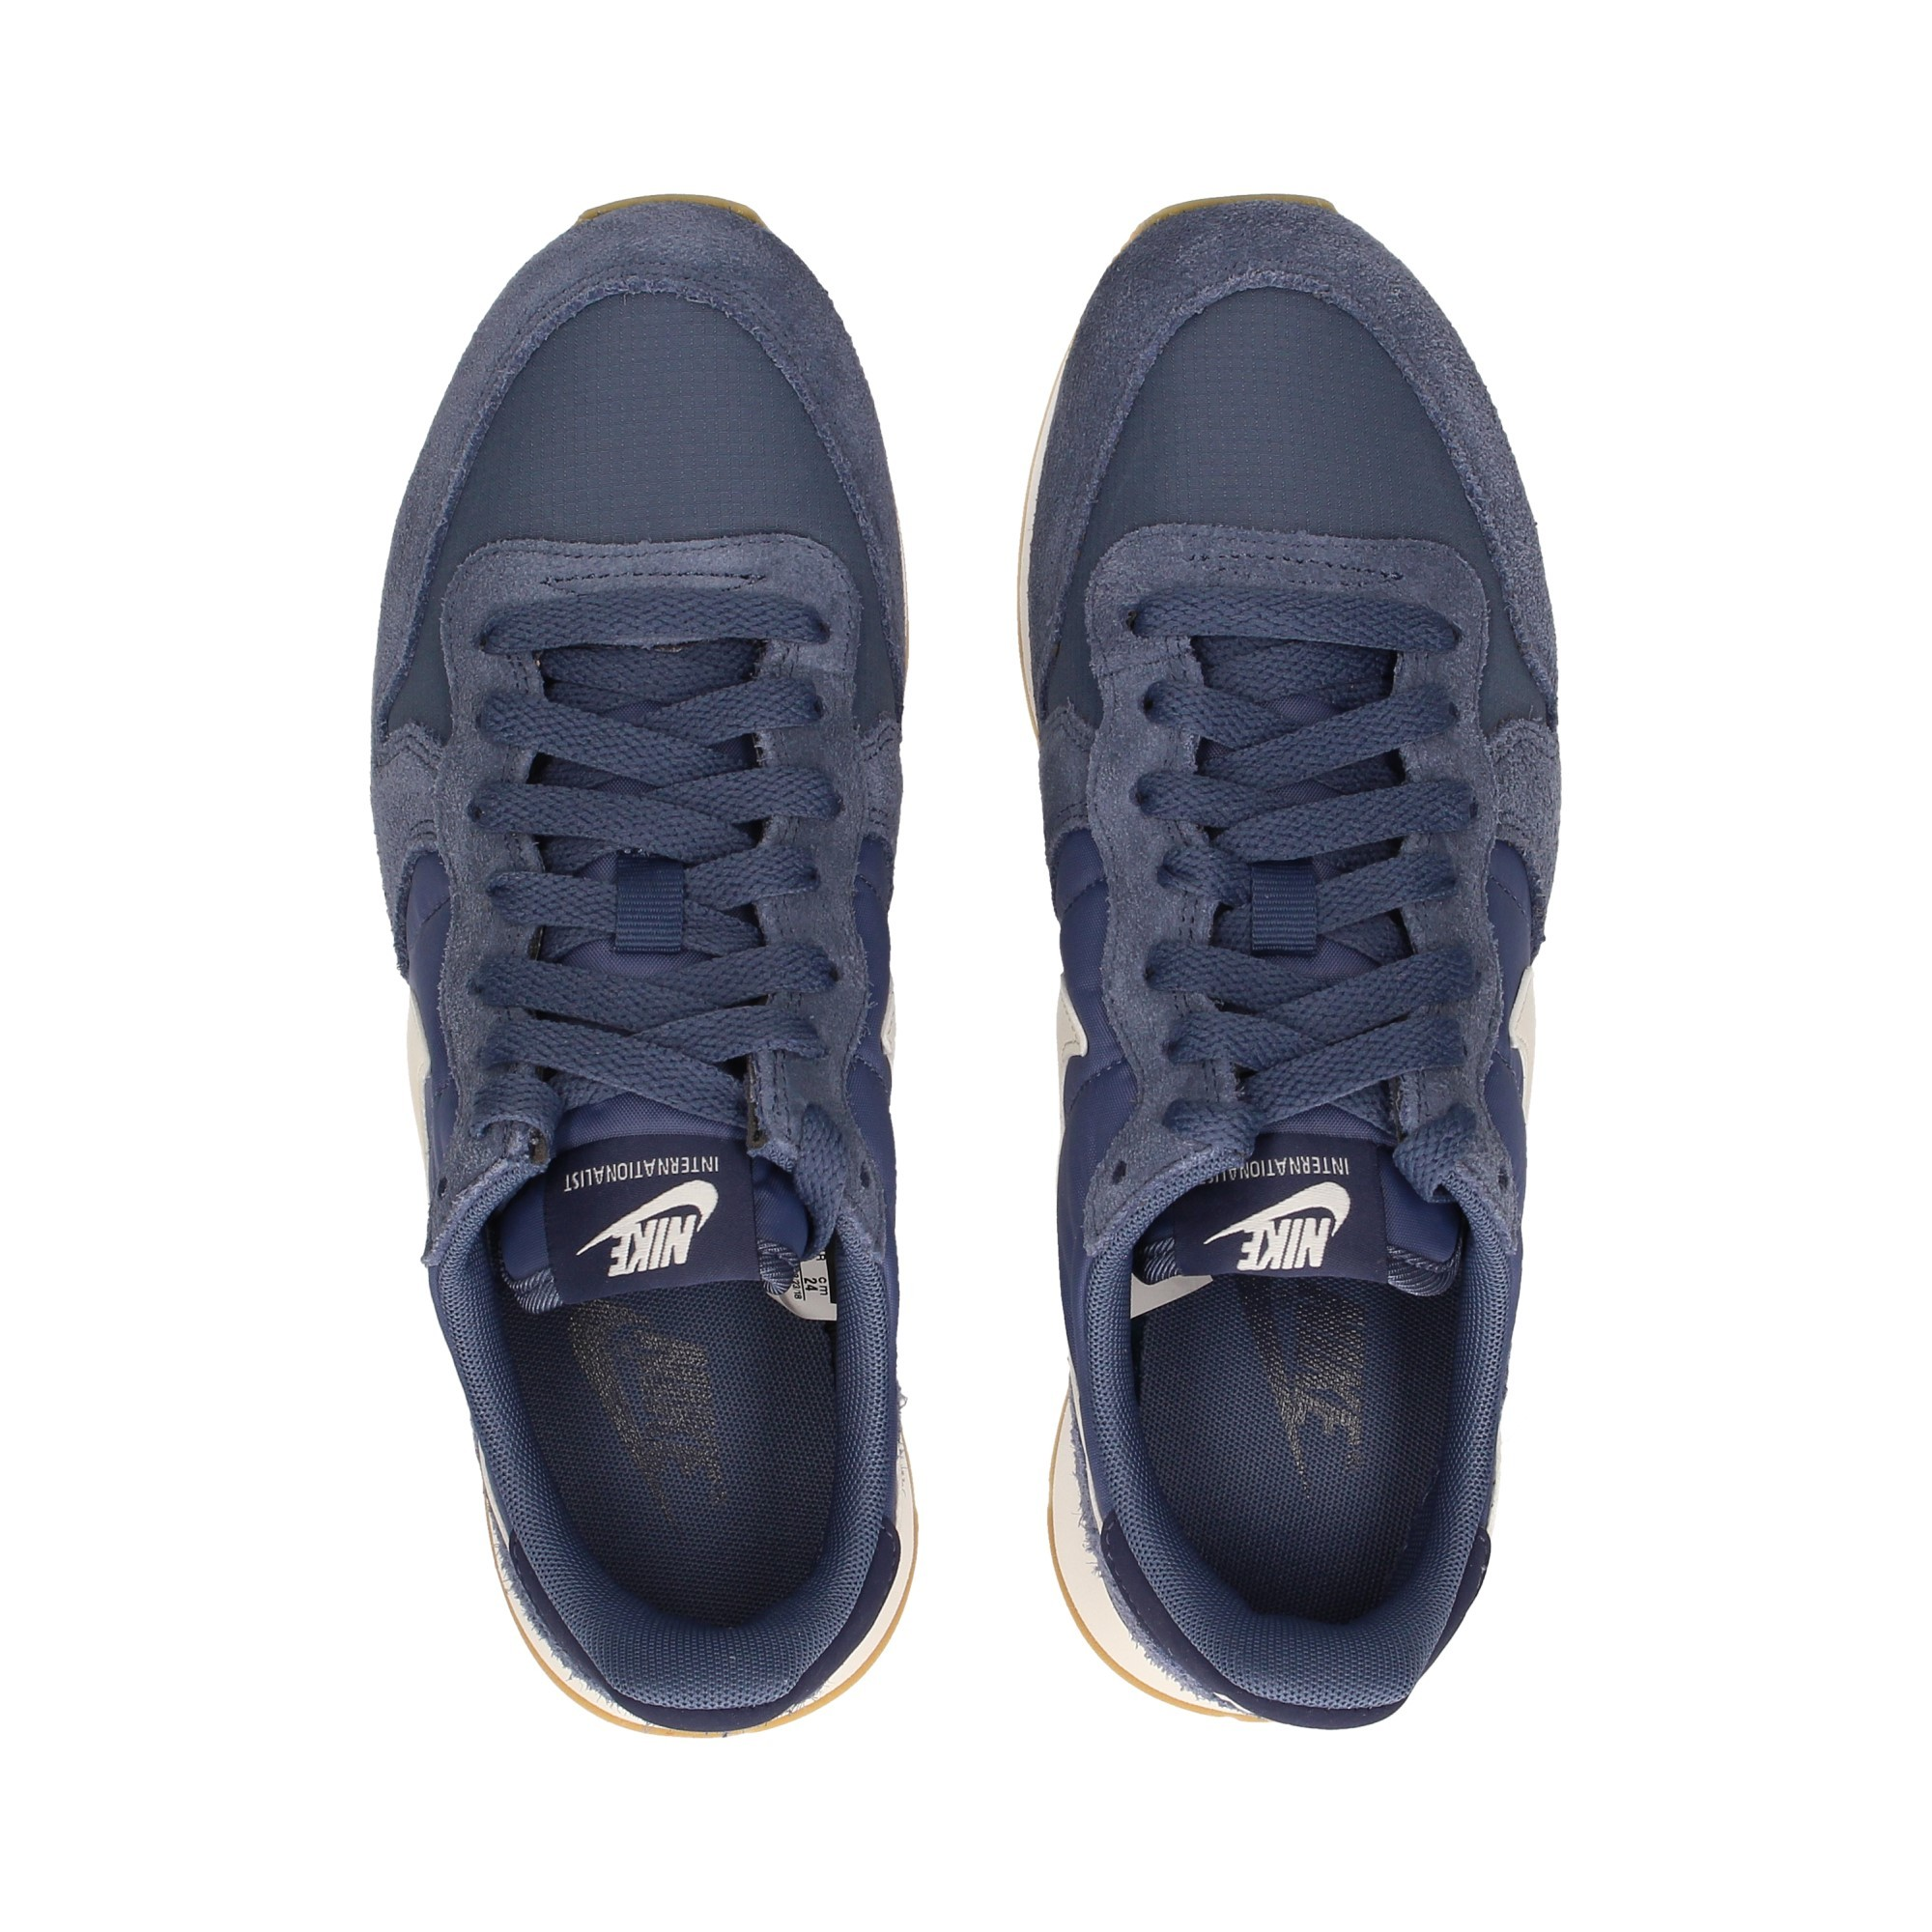 NIKE Chaussures de sport pour femmes 828407 412 AZULBLANCO